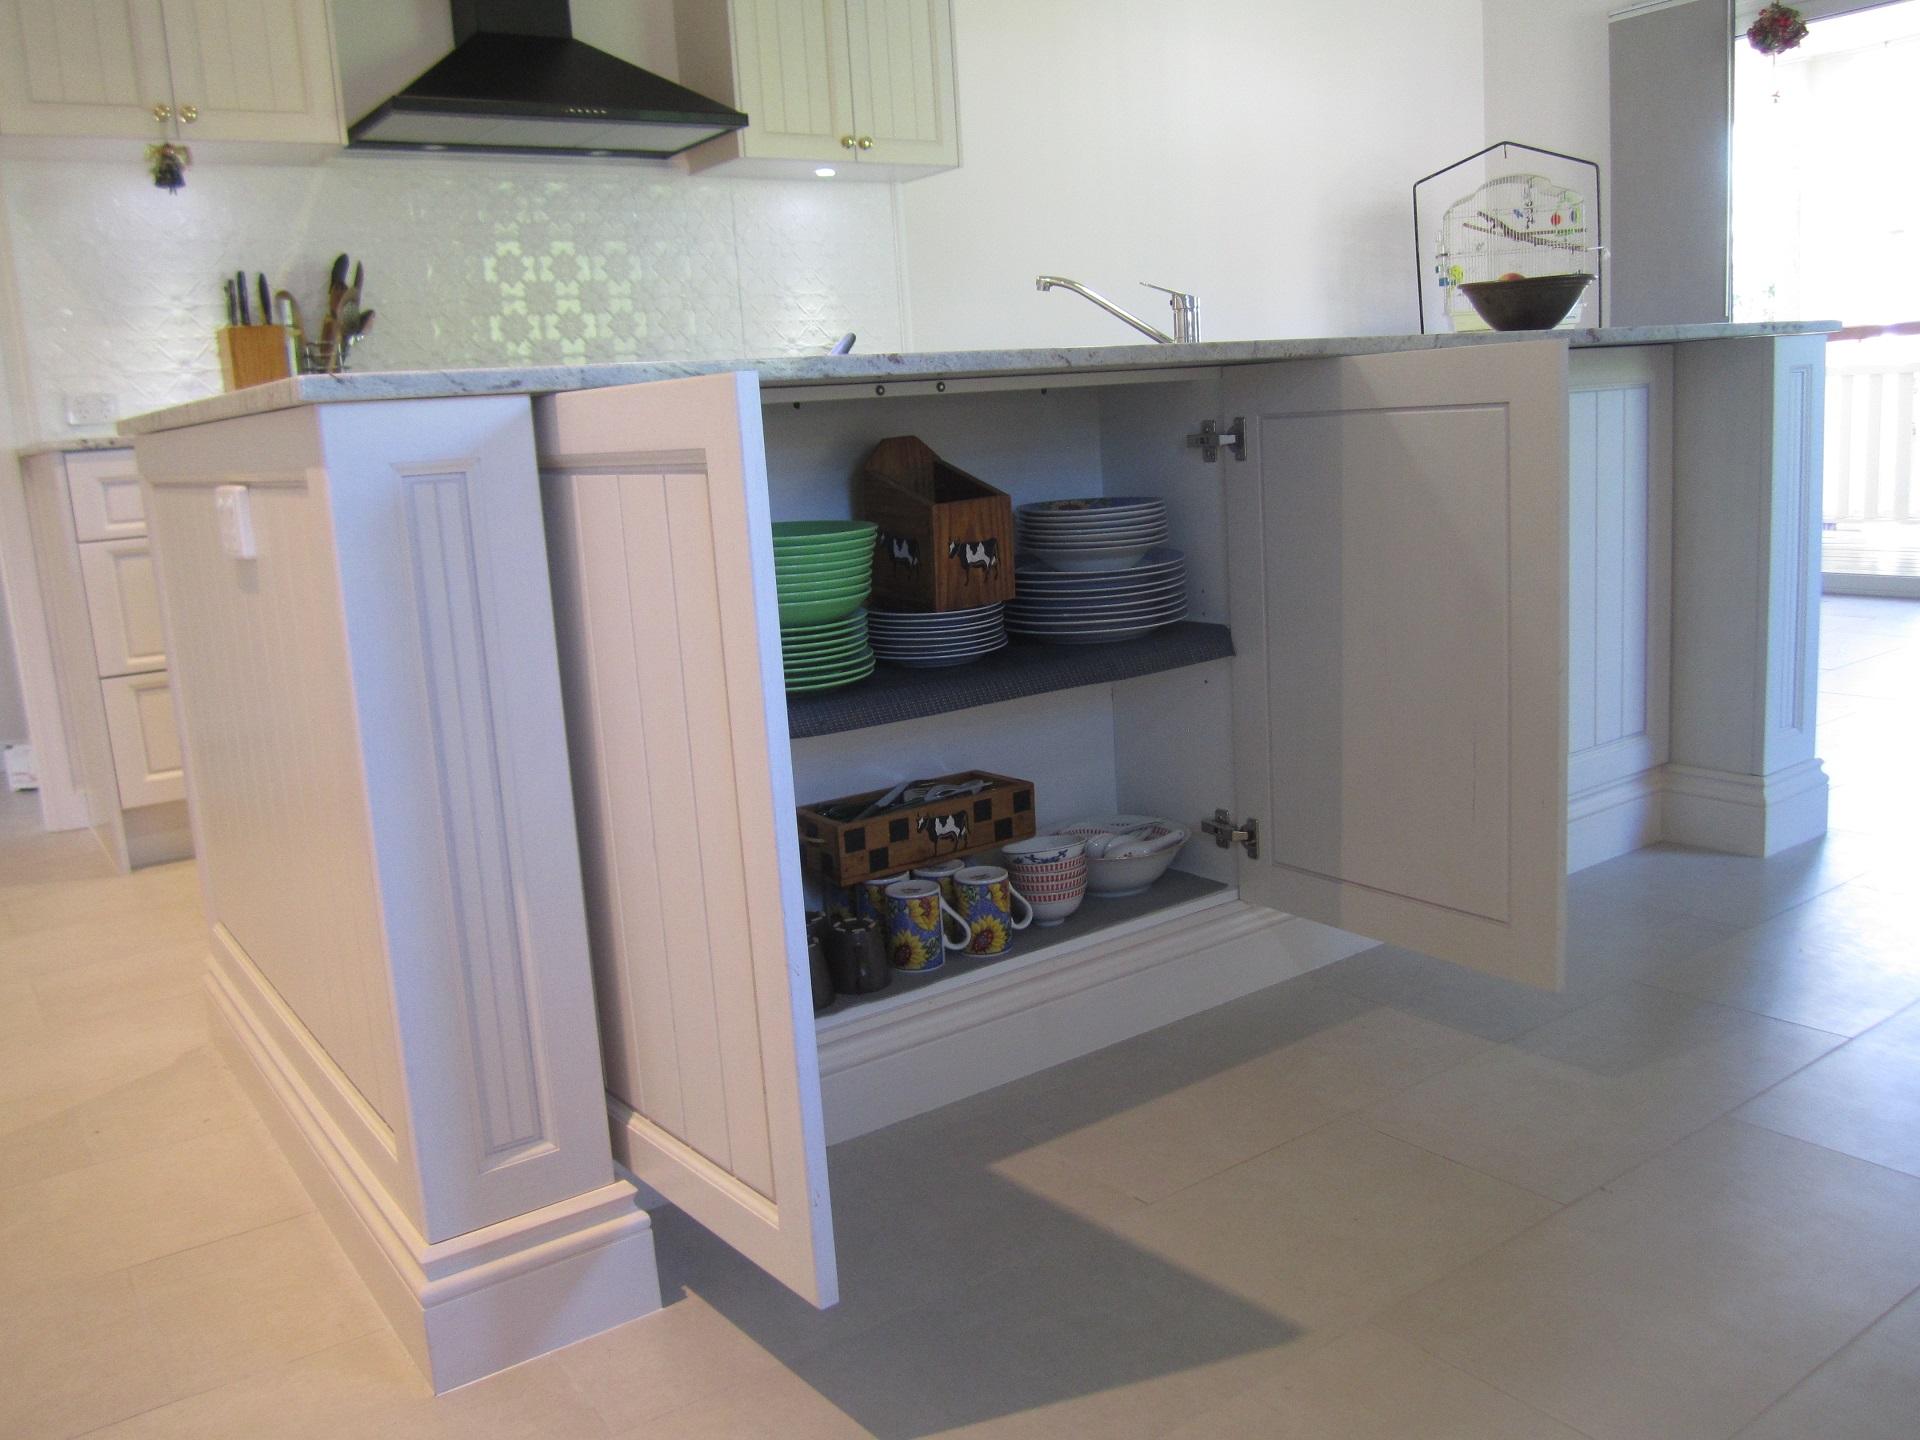 brisbane-kitchen-design-brookfield-shaker-vj-traditional-kitchen-island-secret-storage8